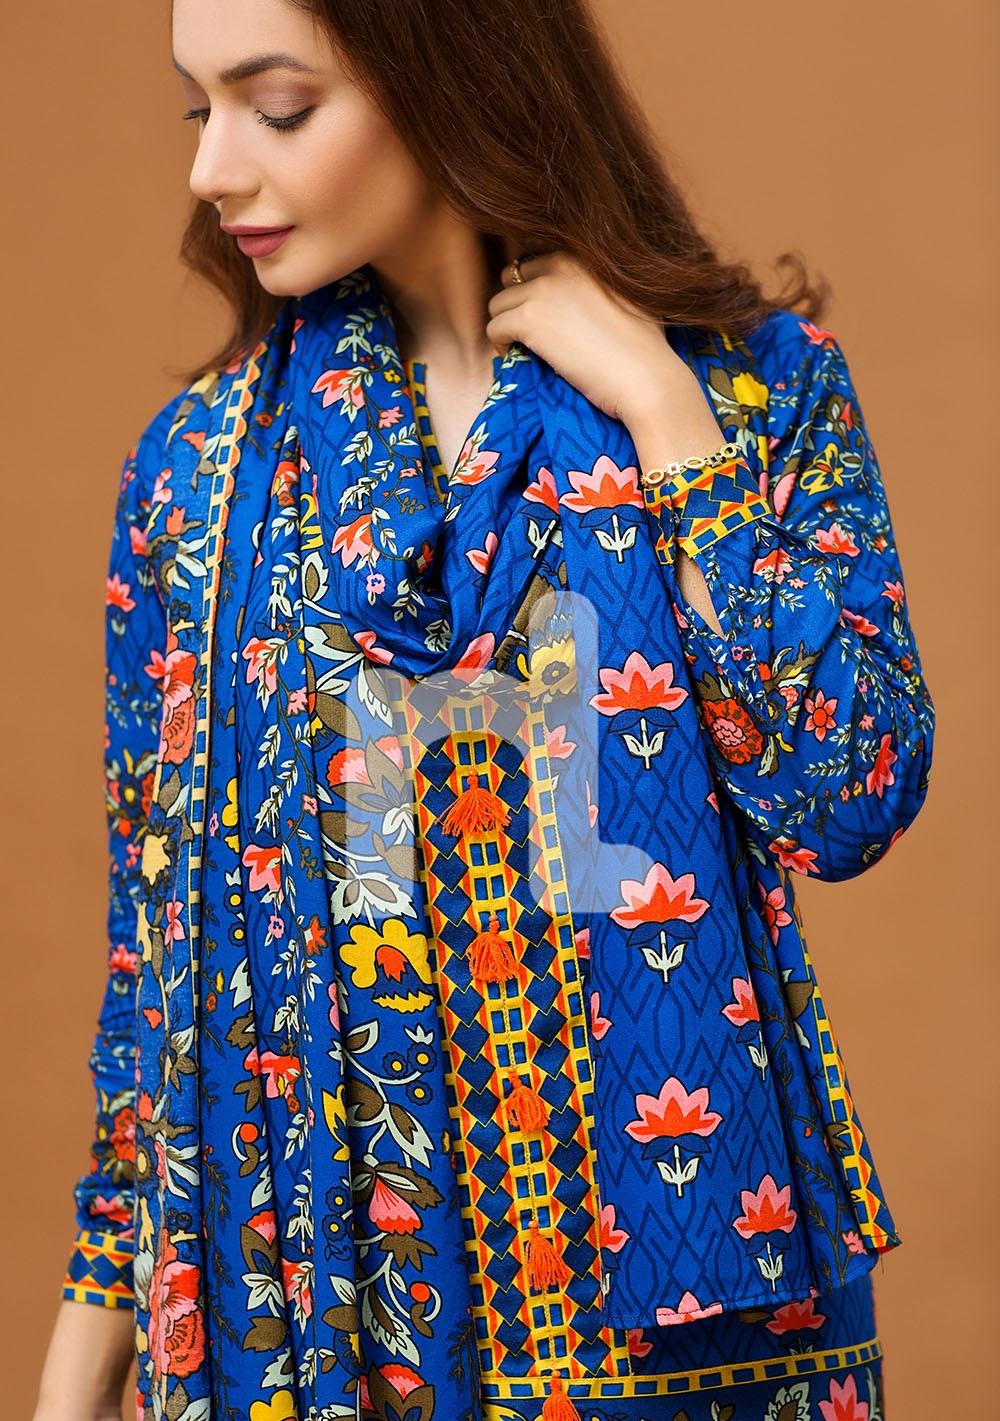 nisha nishat blue floral linen shirt